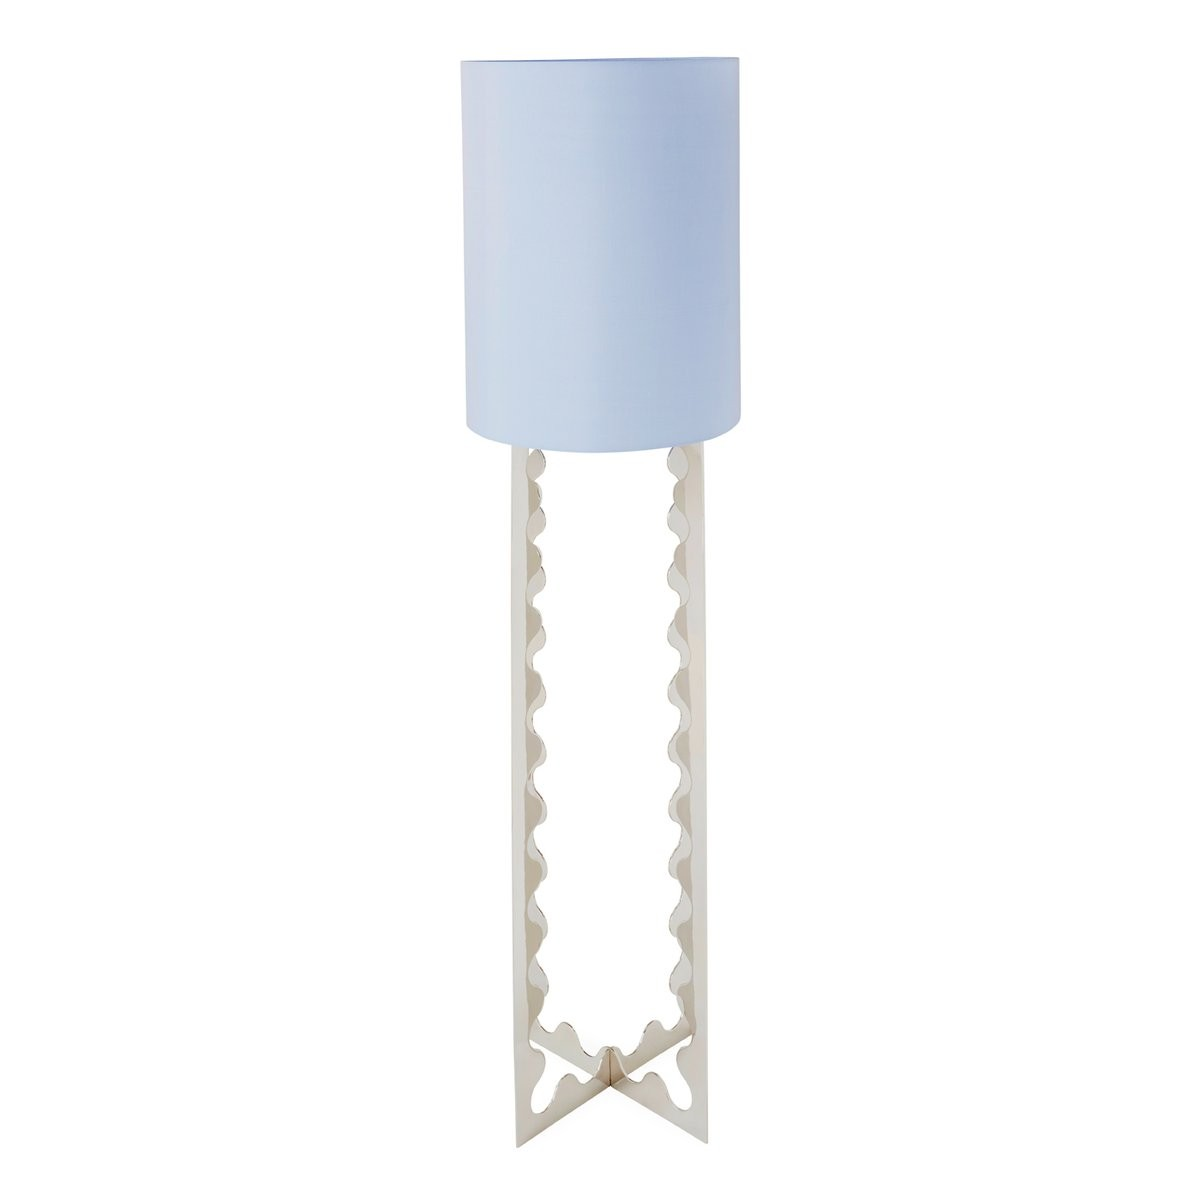 Jonathan Adler I Ripple Floor Lamp